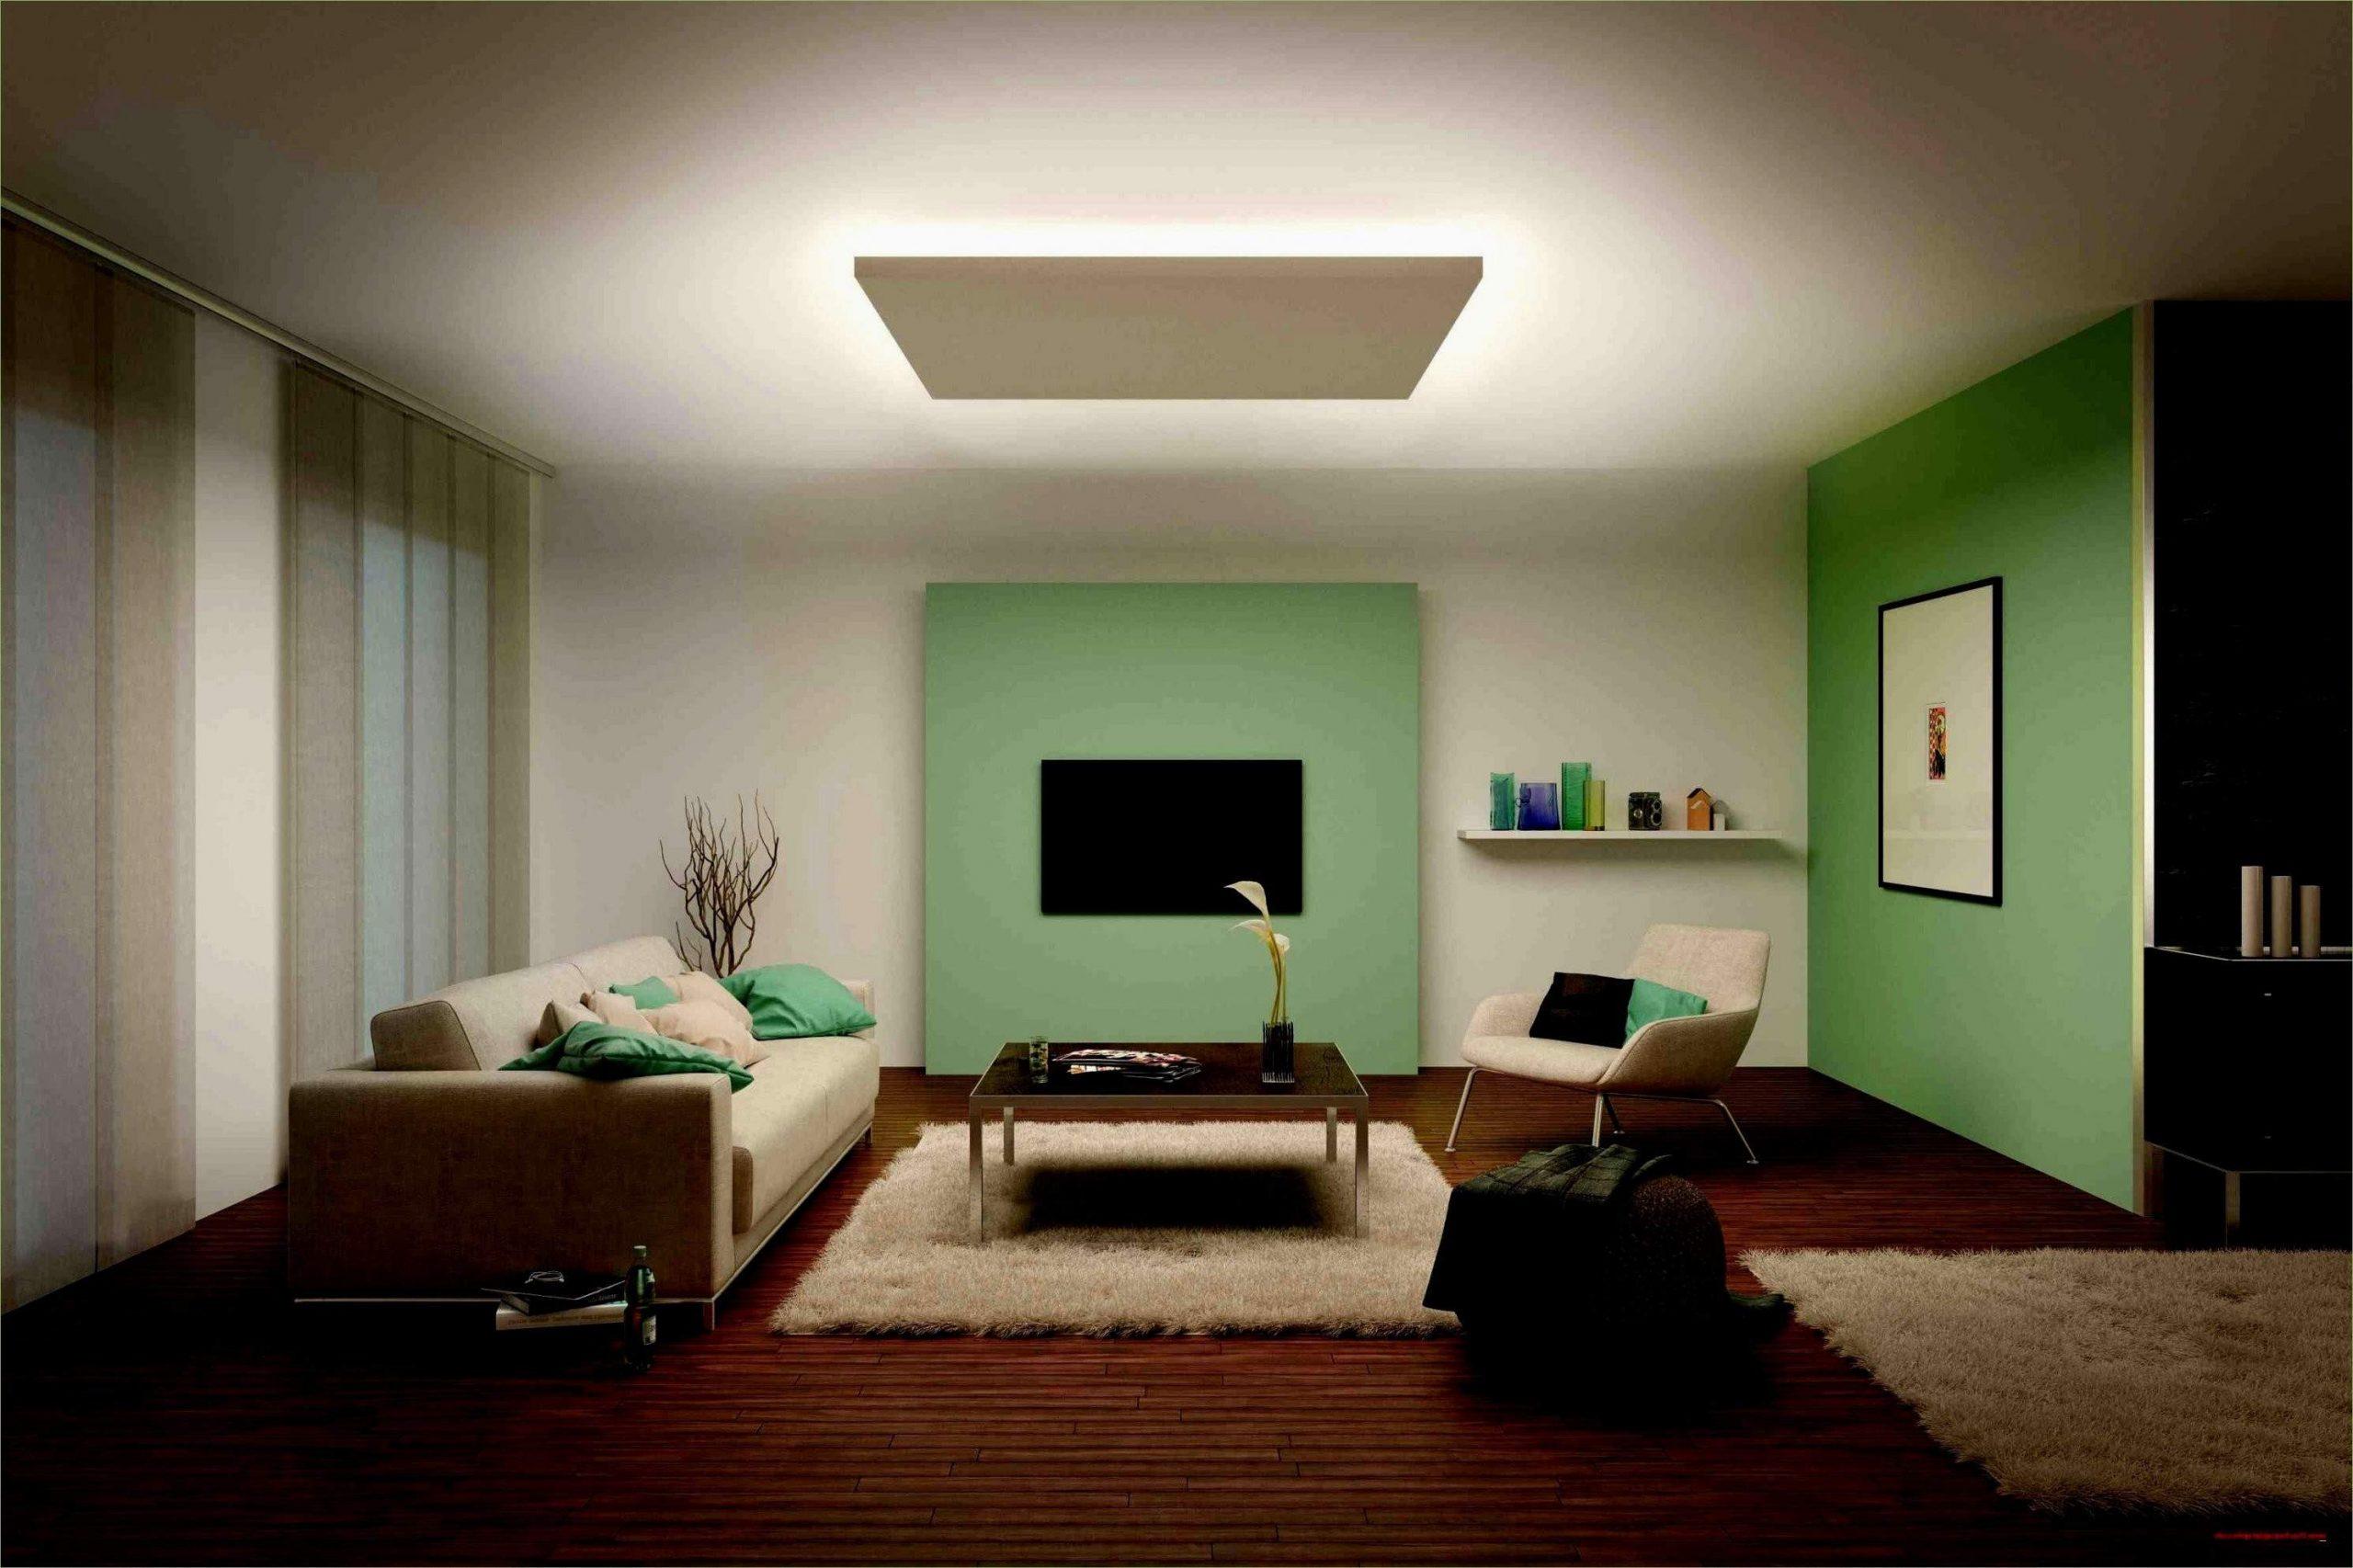 Full Size of Lampe Wohnzimmer Decke Das Beste Von 37 Frisch Lampe Wohnzimmer Decke Wohnzimmer Wohnzimmer Decken